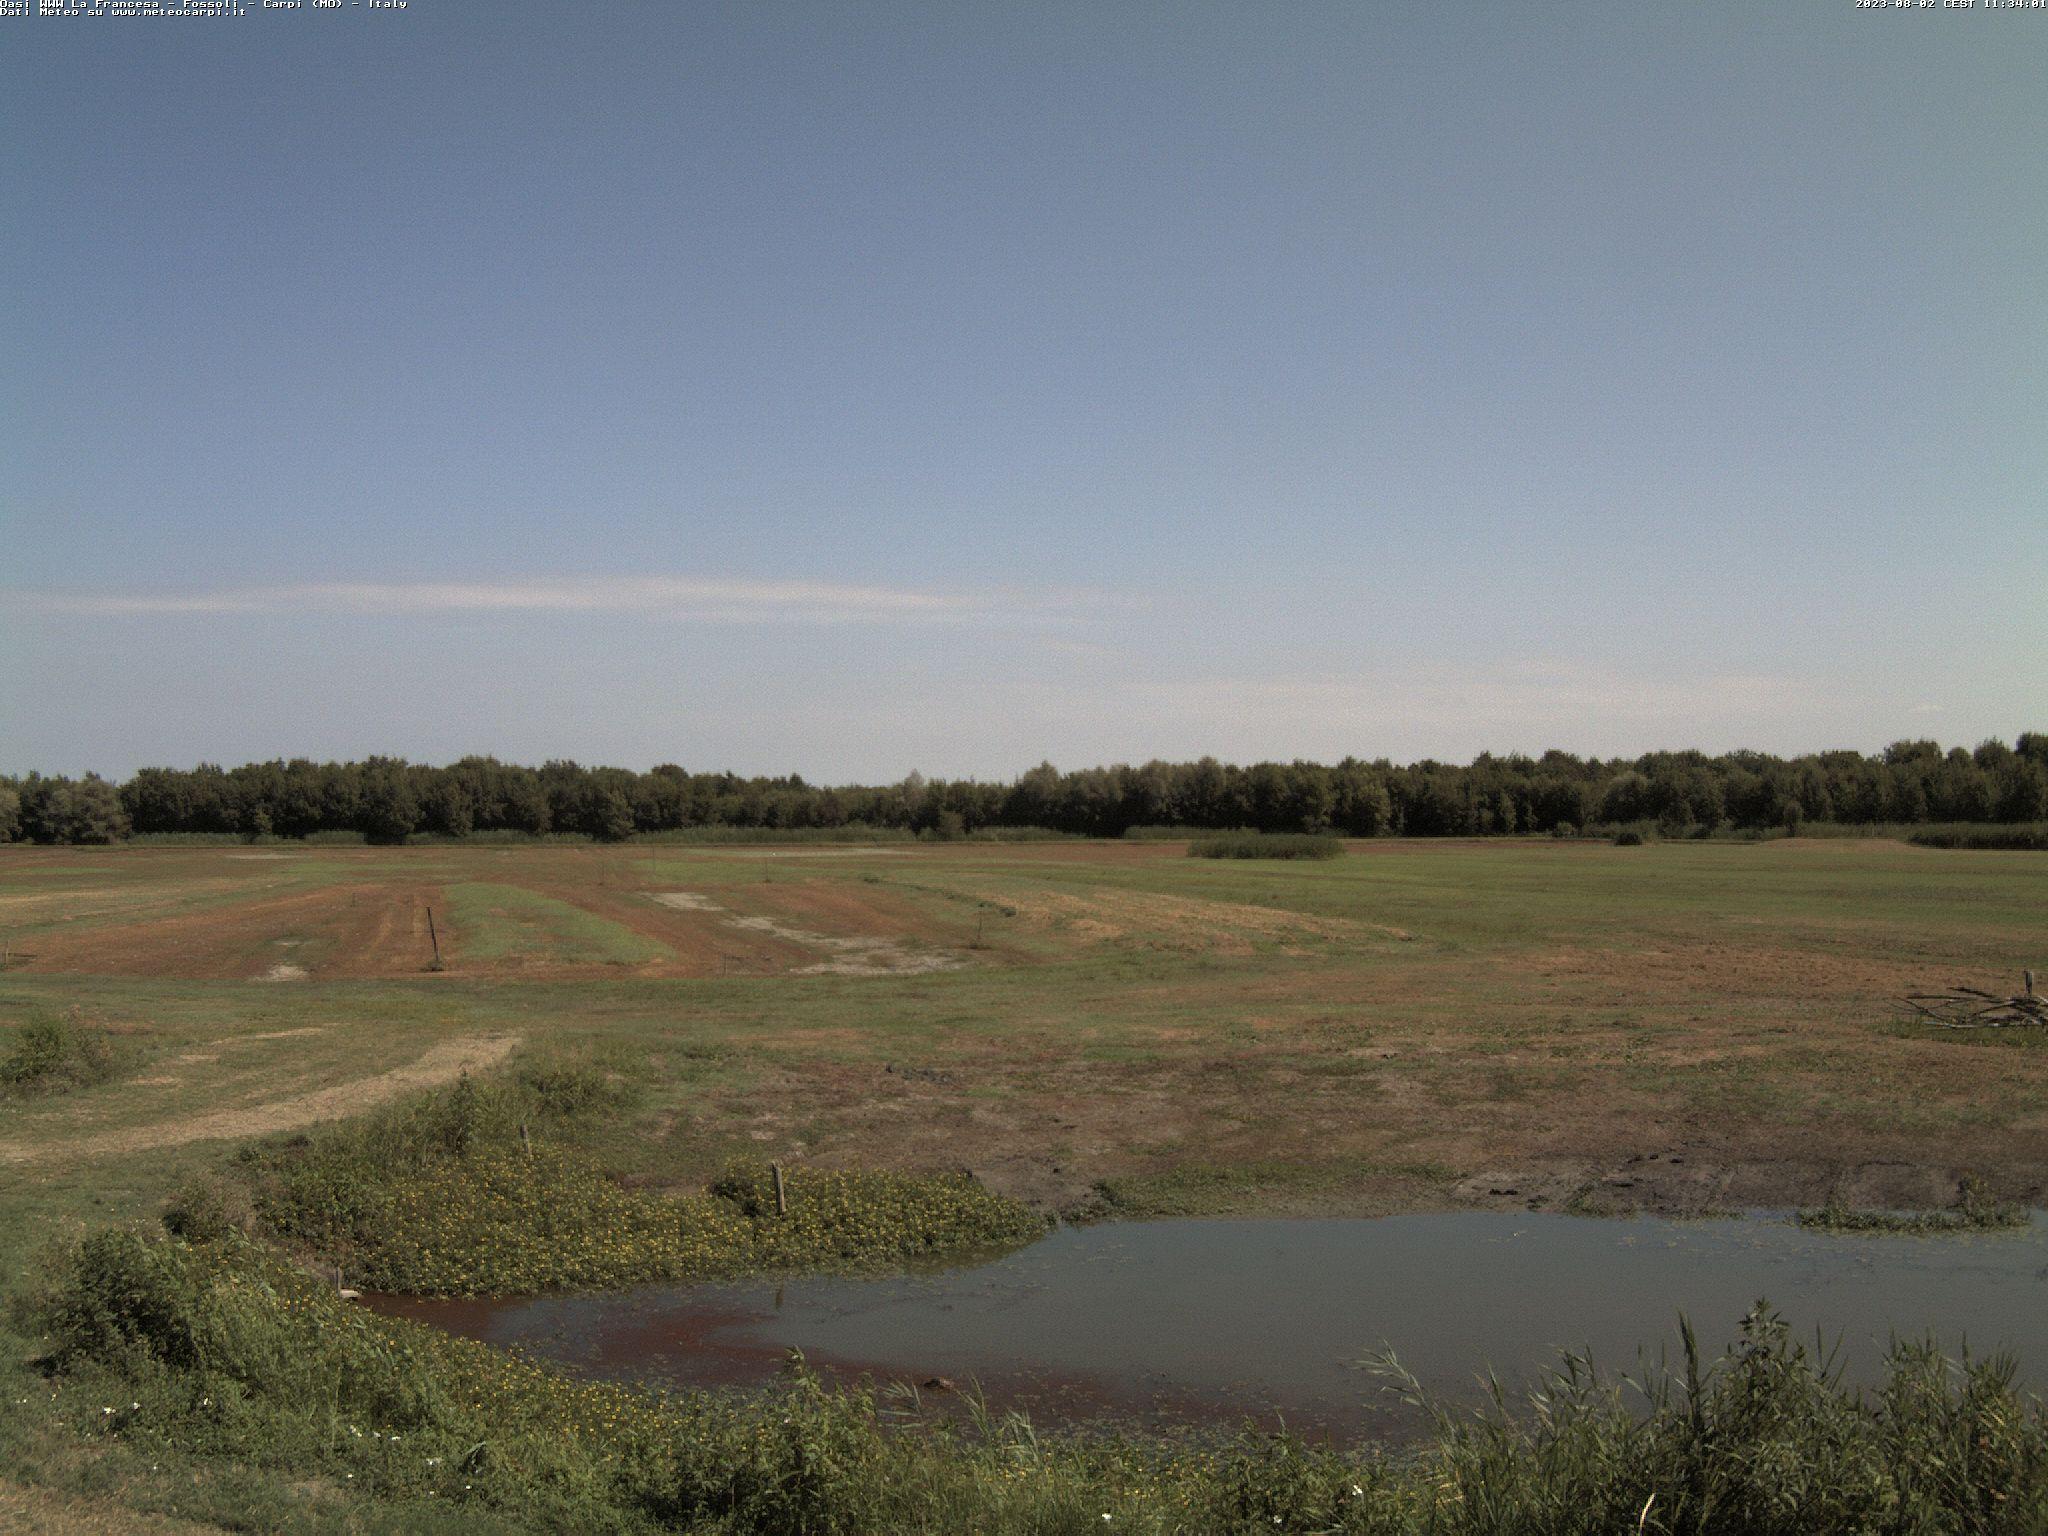 Osservatorio Carpi nord <br>Webcam puntamento nord<br> Carpi (MO)